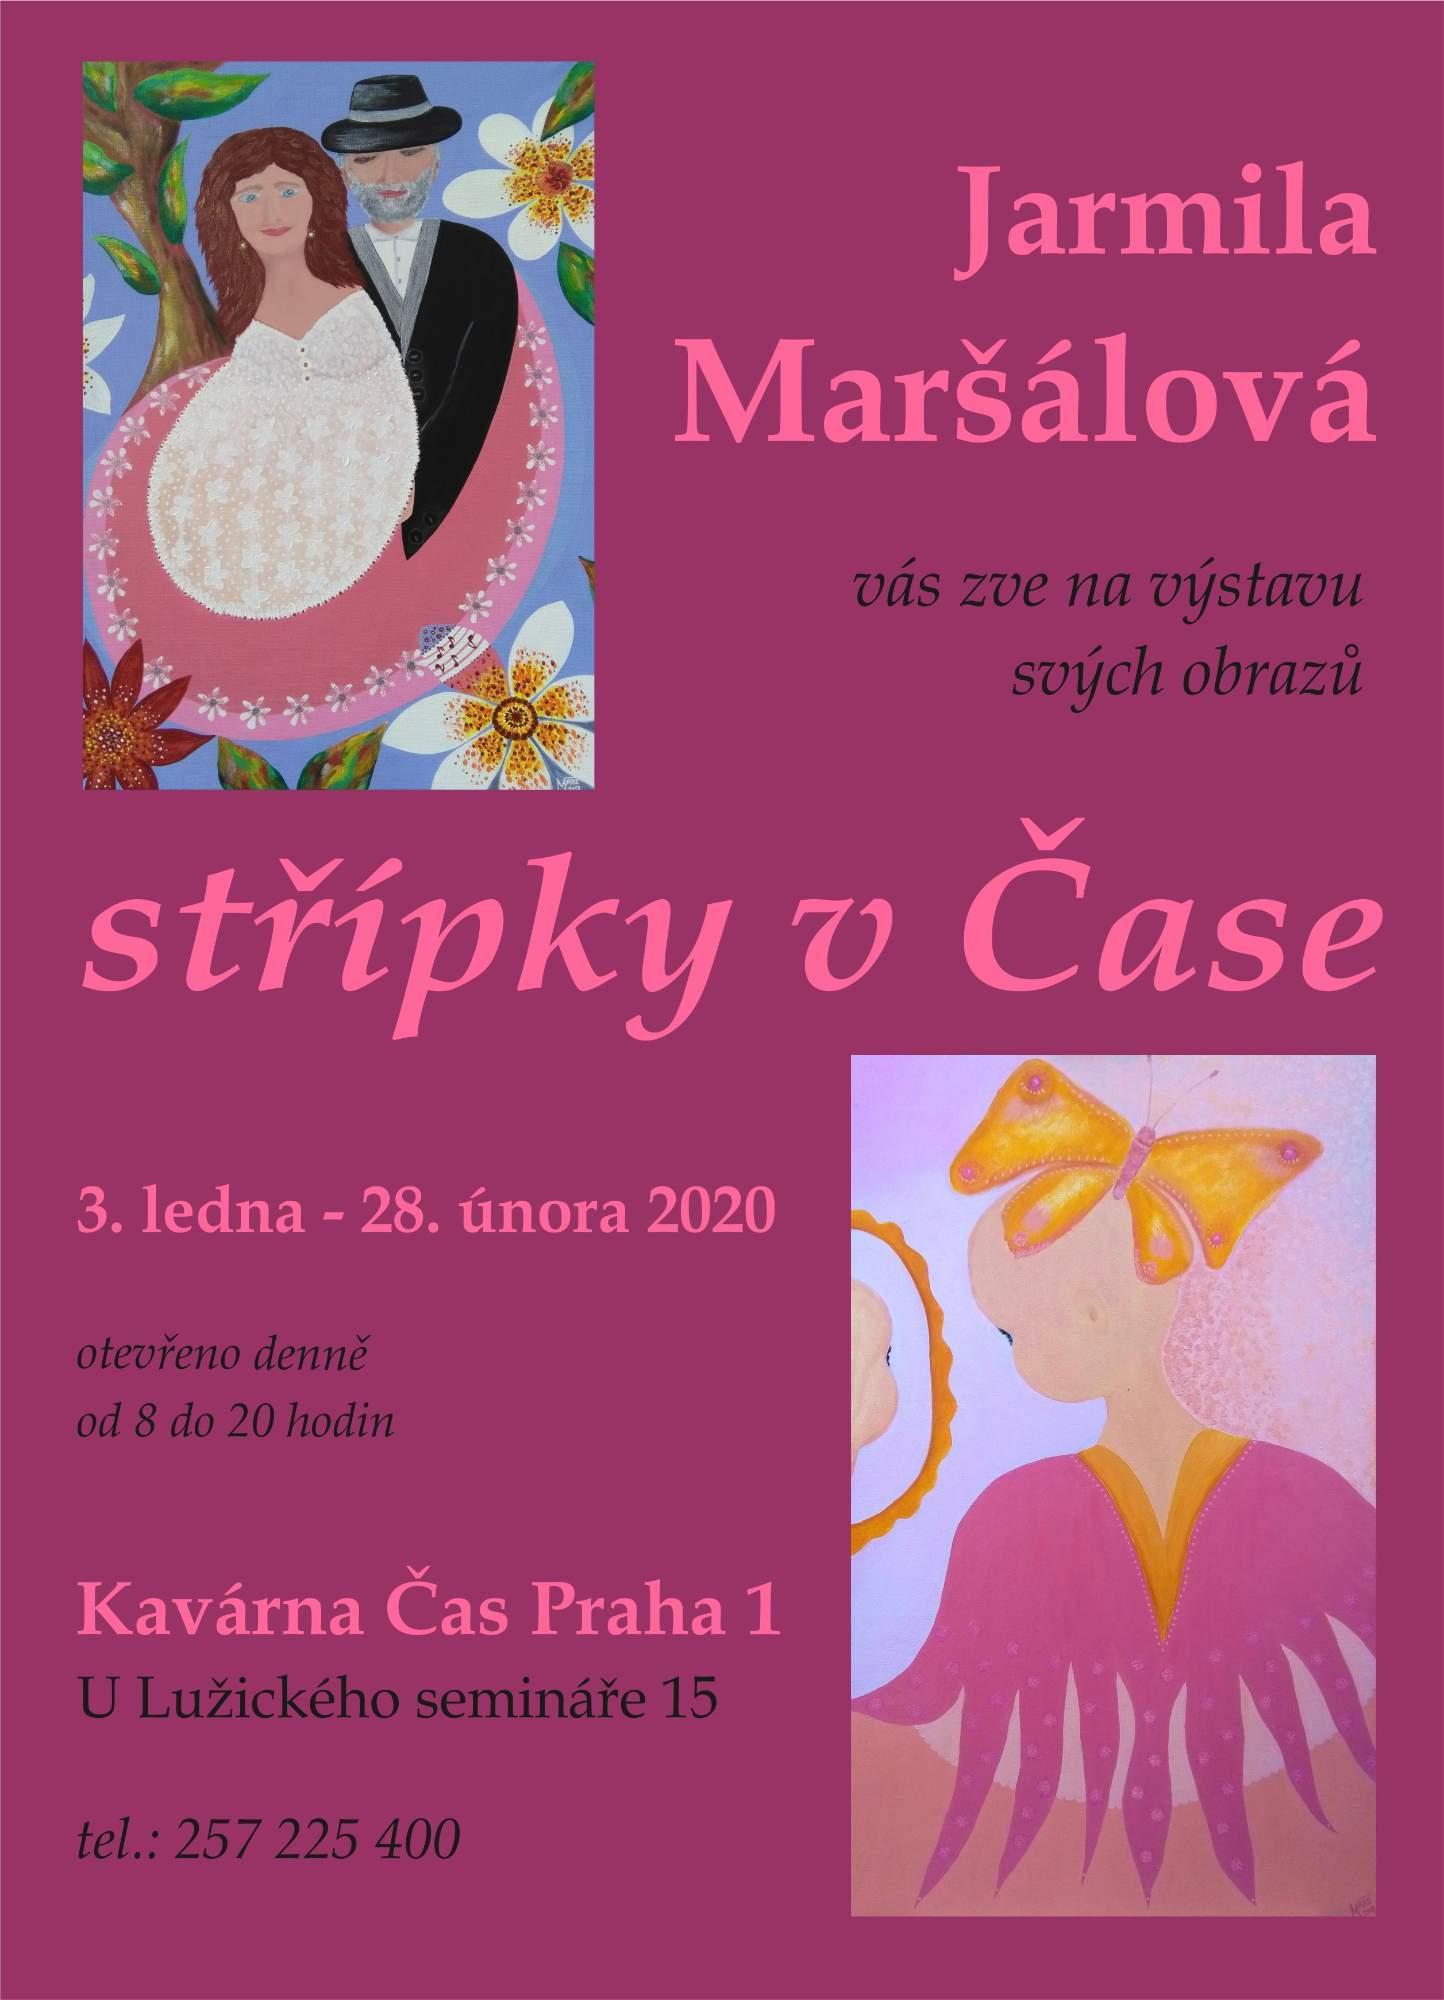 Stpkyvase1-2020.jpg?ver=0